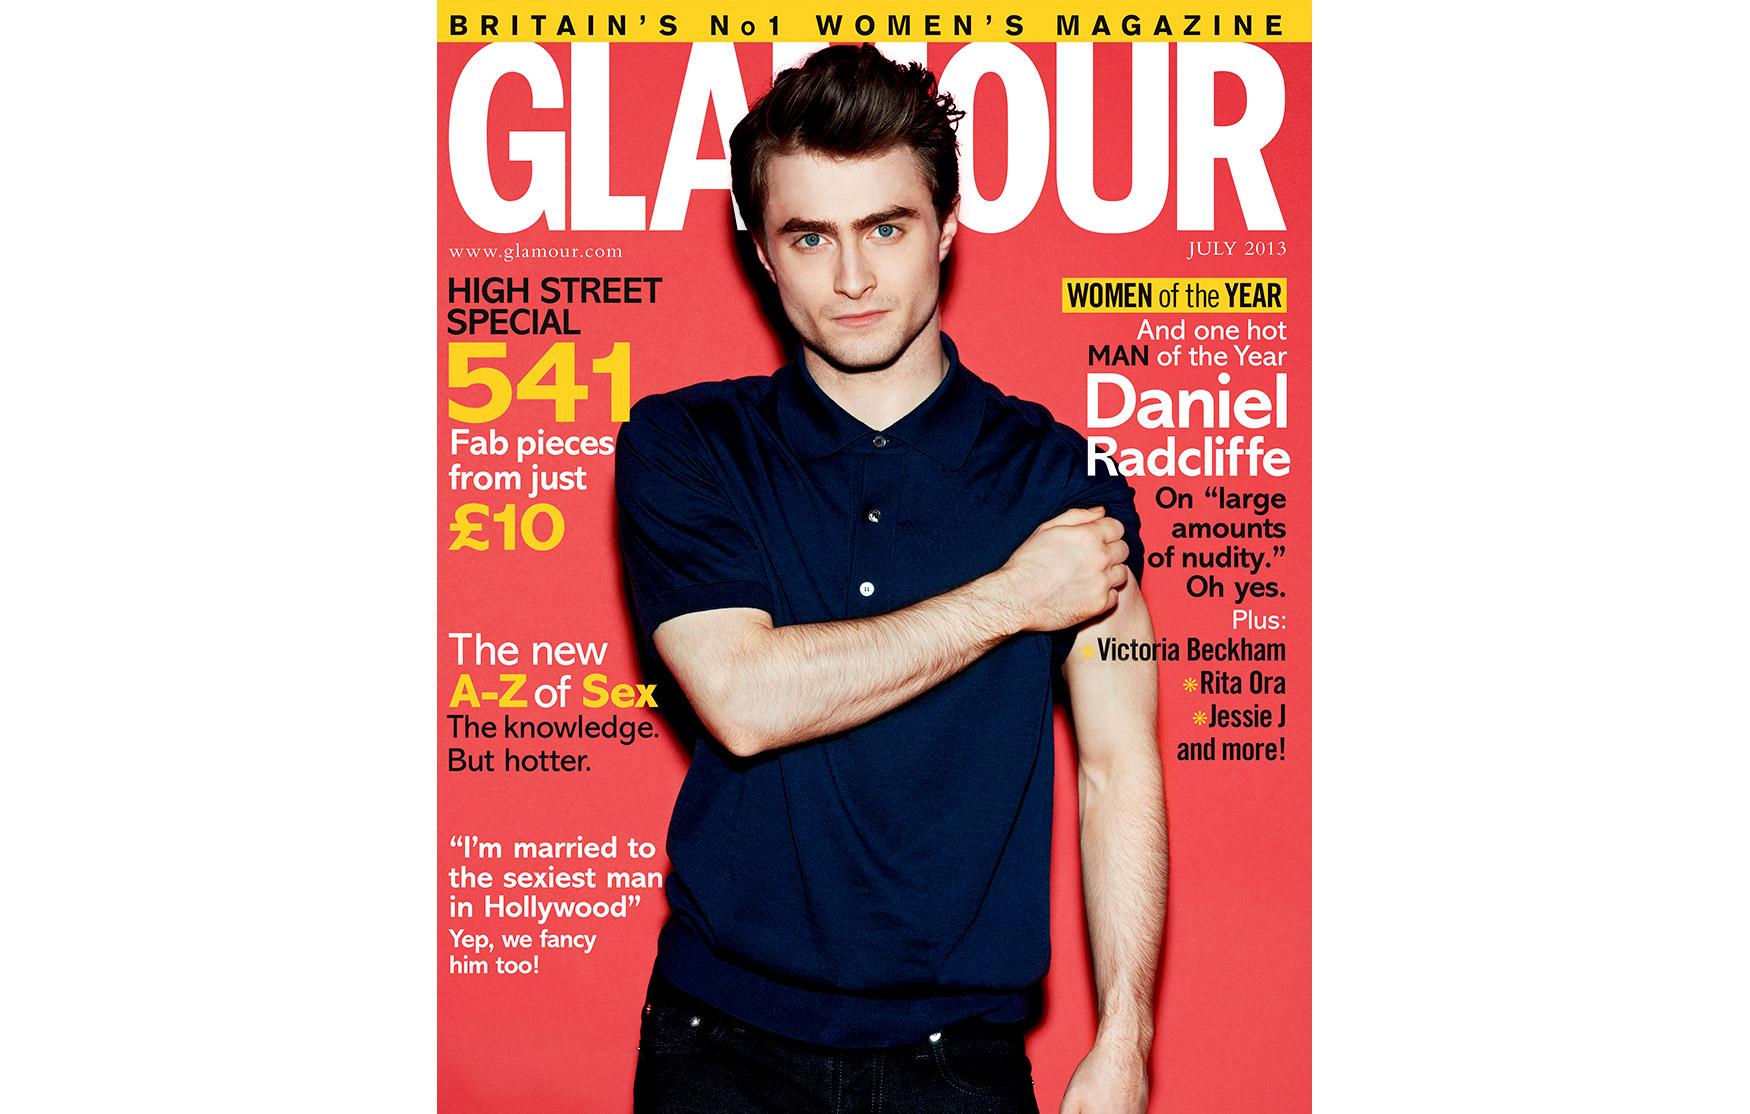 Glamour_DanielRadcliff_cover.jpg